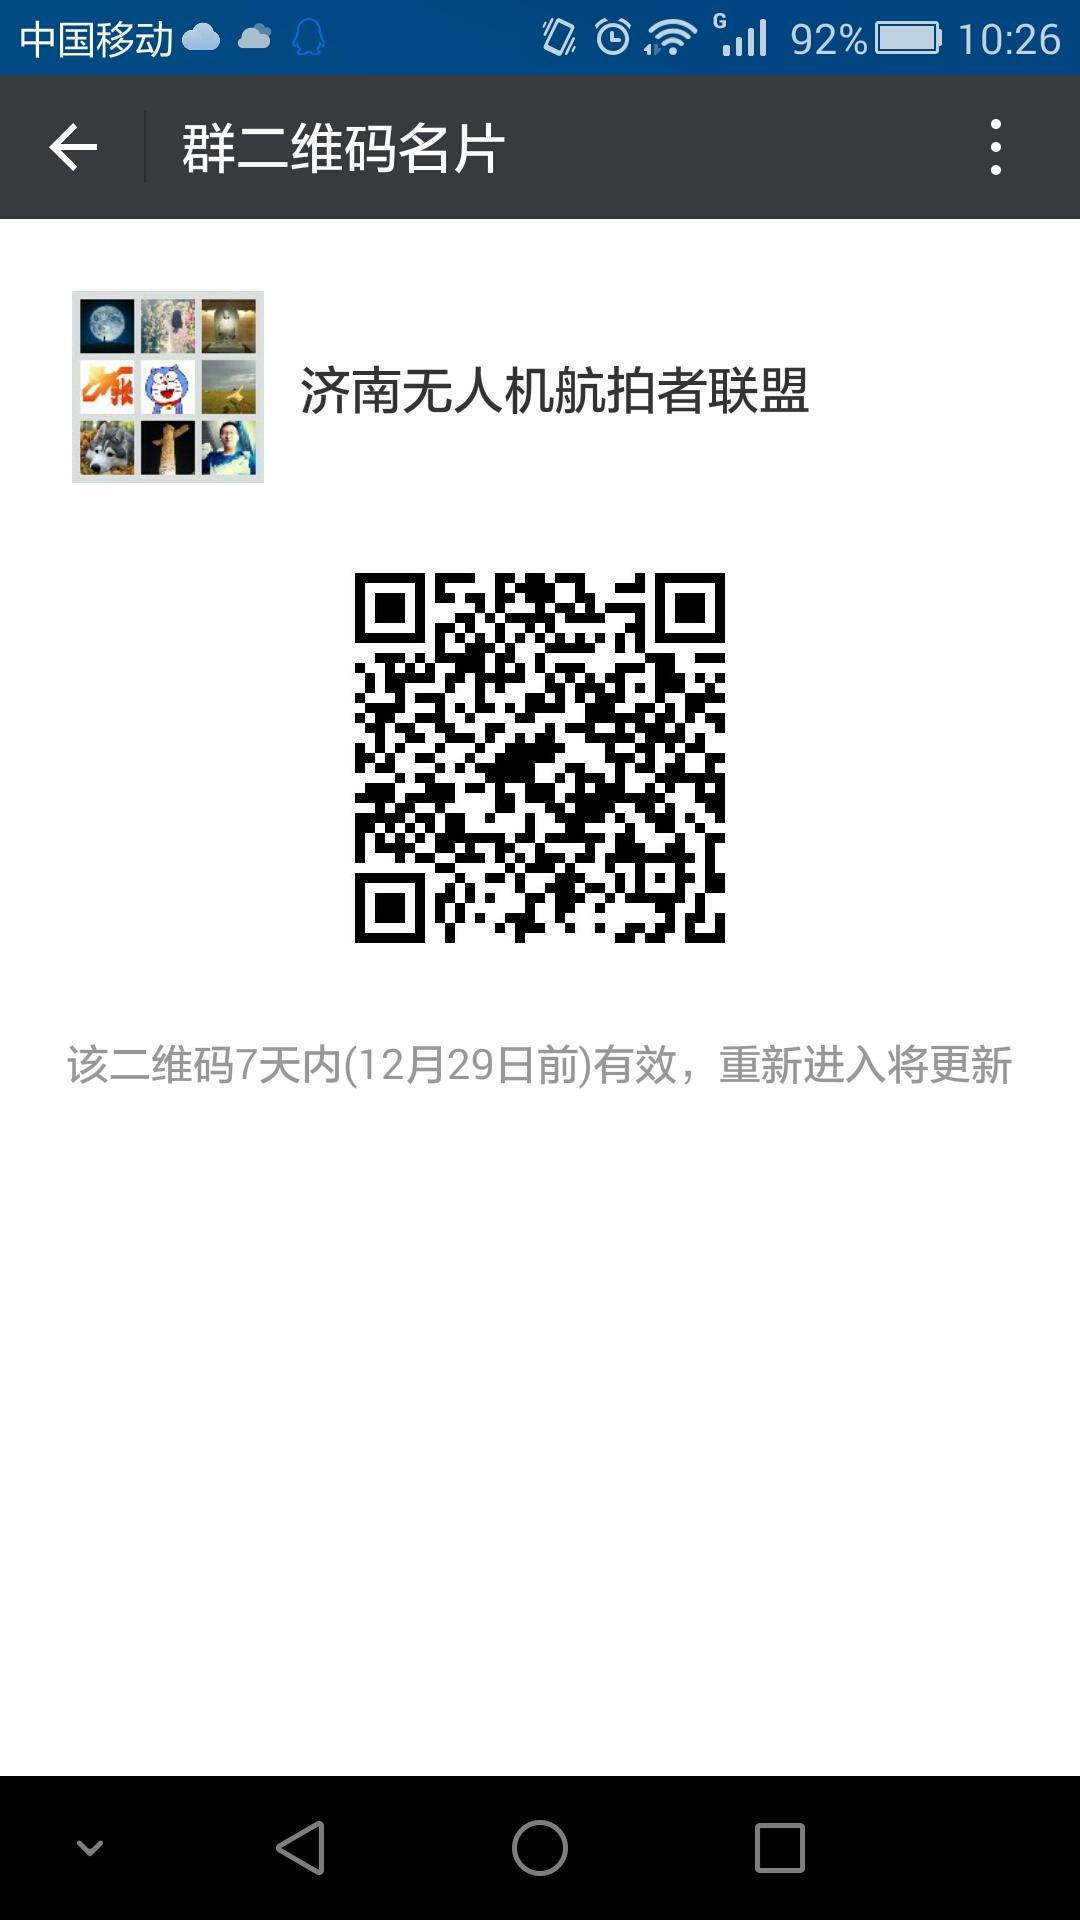 748096253943349997.jpg